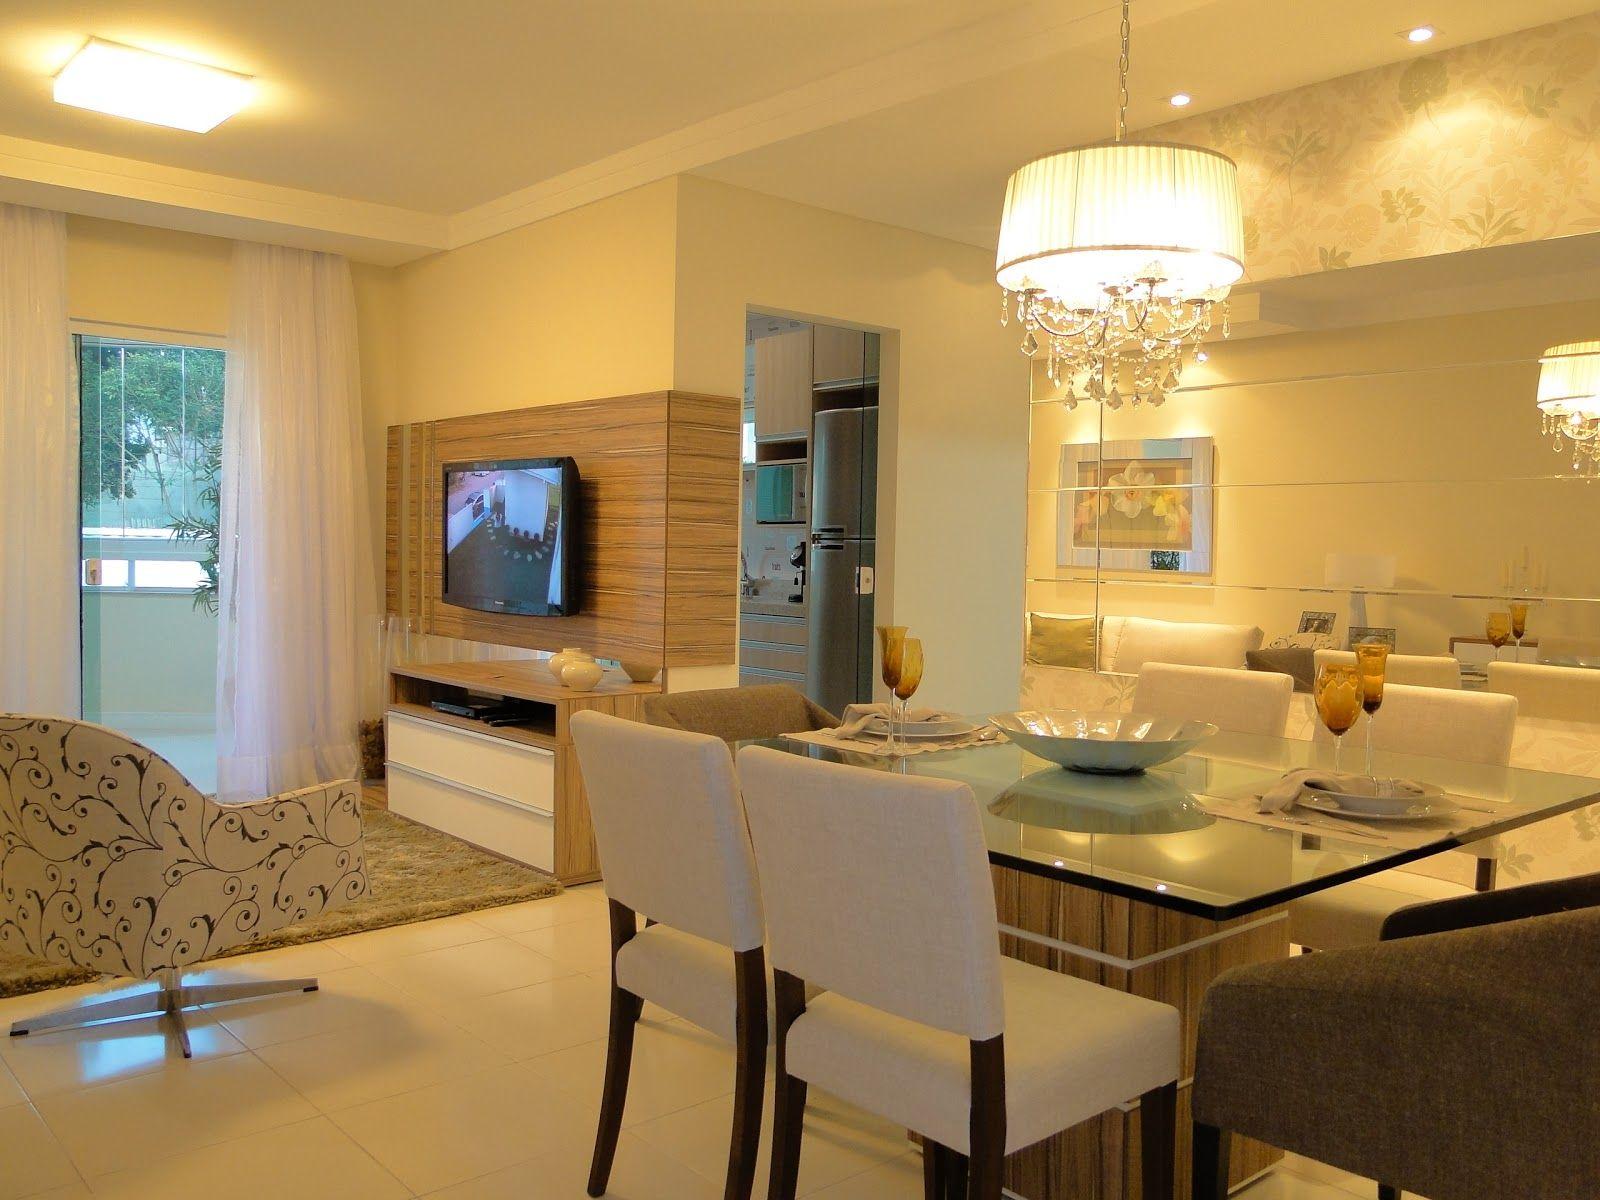 21 Salas Integradas Pequenas Lindas Veja Como Decorar Mesa De  -> Cozinha Integrada Com Sala De Jantar Pequena